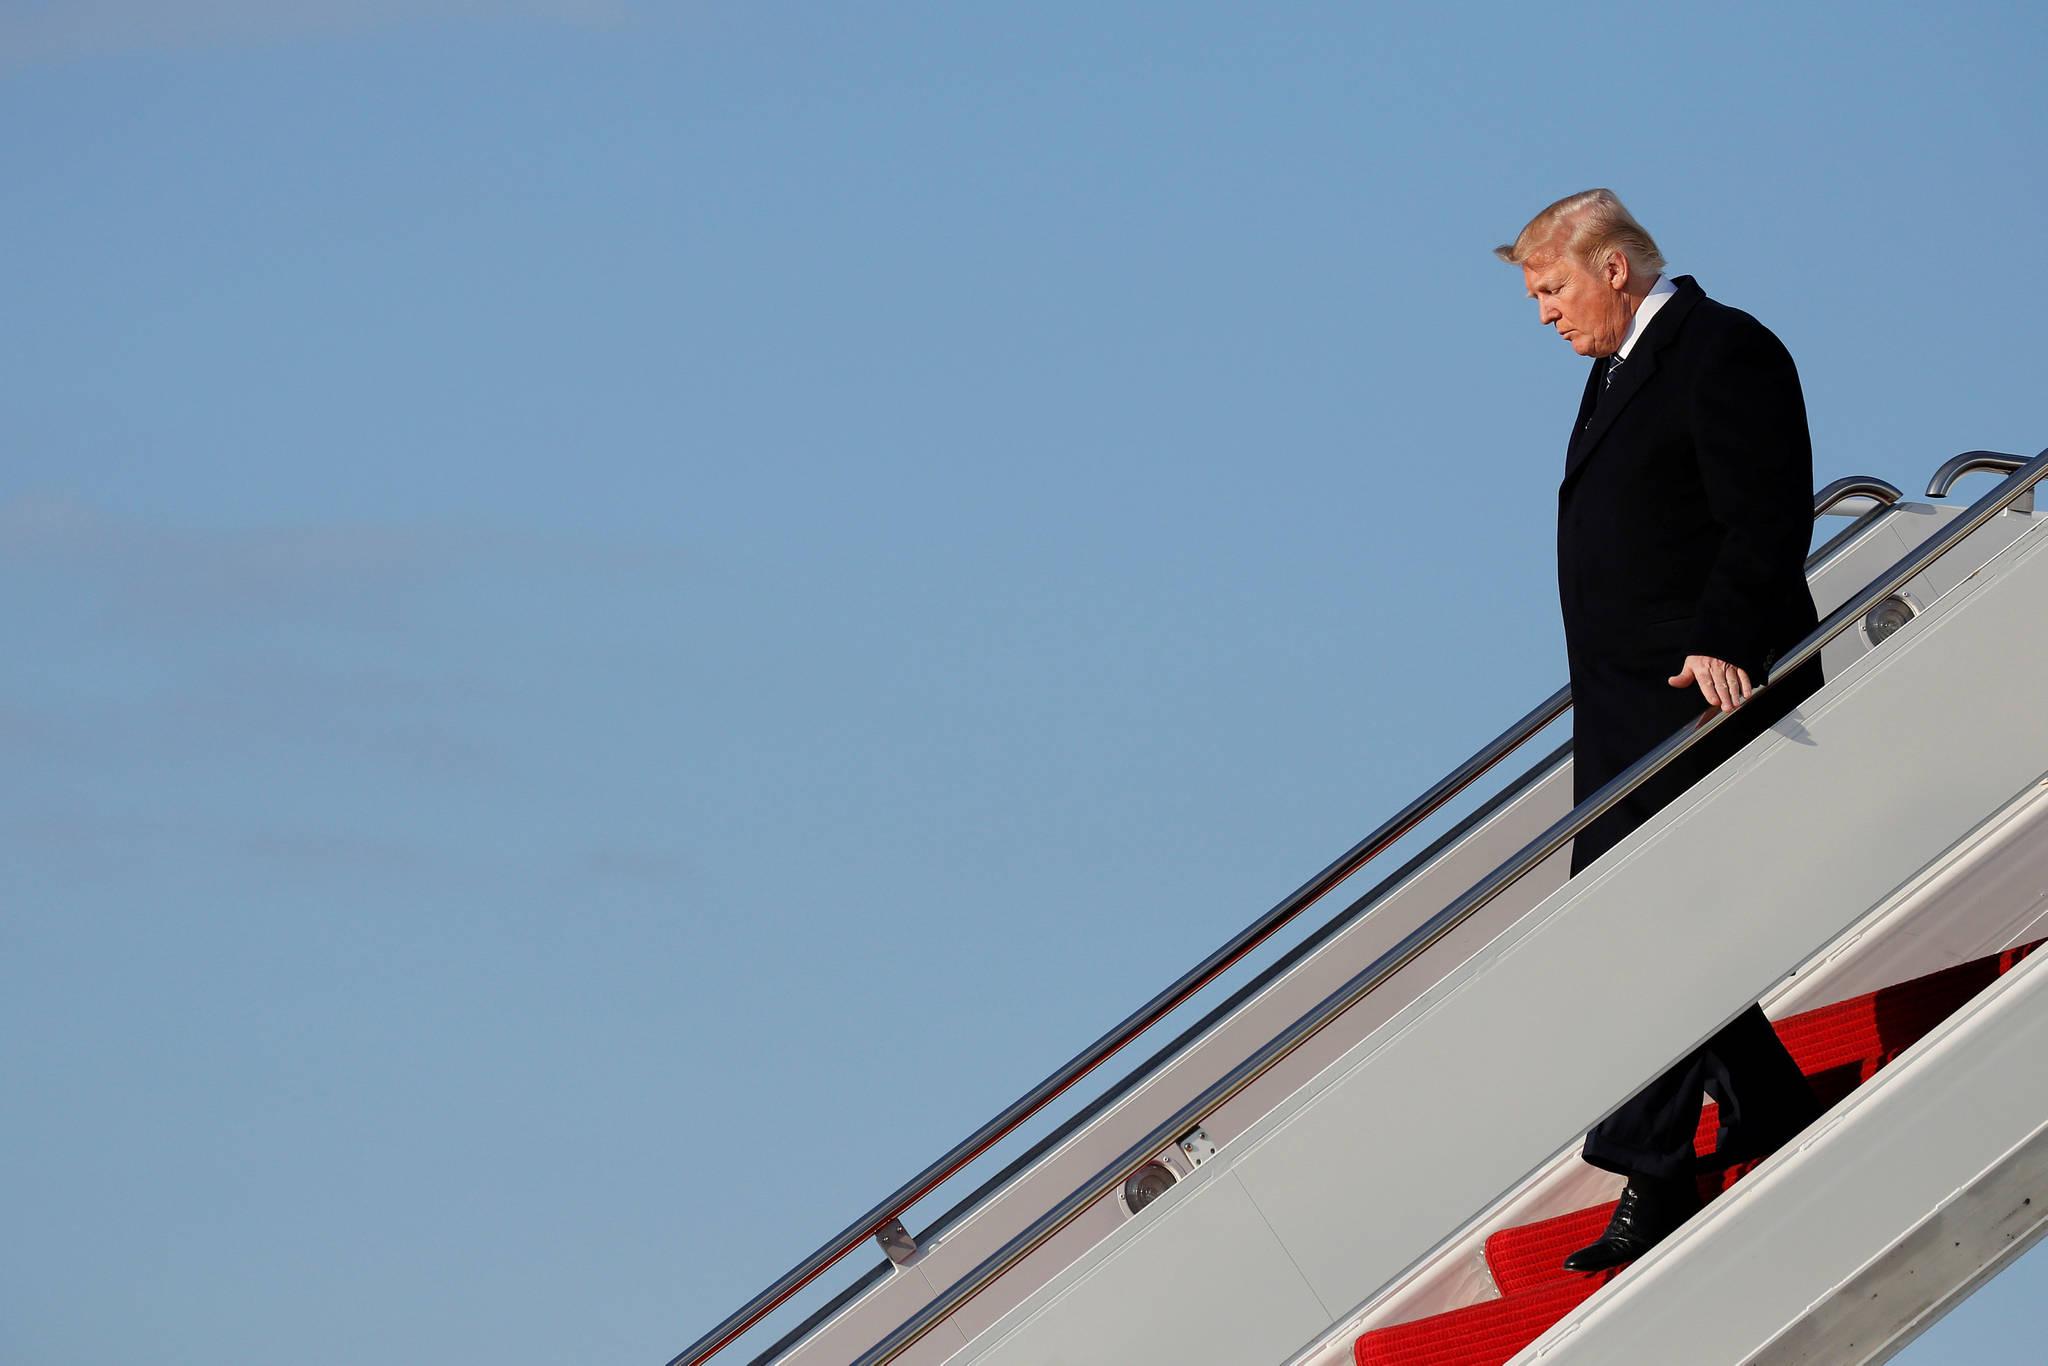 도널드 트럼프 미국 대통령이 25일(현지시간) 플로리다에서 가족과 휴가를 마치고 앤드루 공군기지에서 에어포스 원 트랙을 혼자 내려오고 있다. [로이터=연합뉴스]